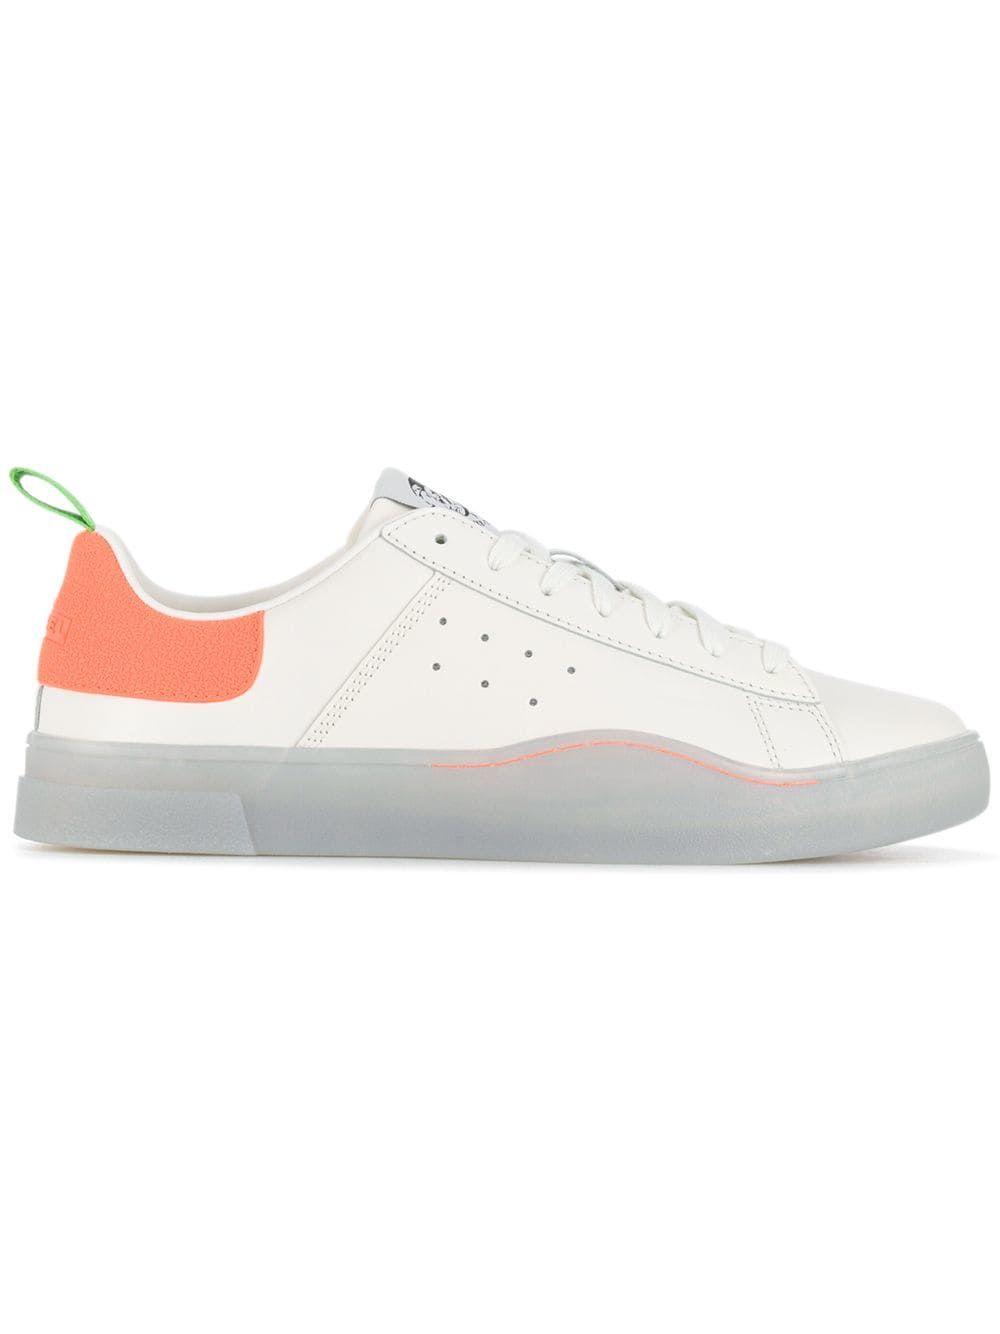 Diesel Low Top Sneakers In White